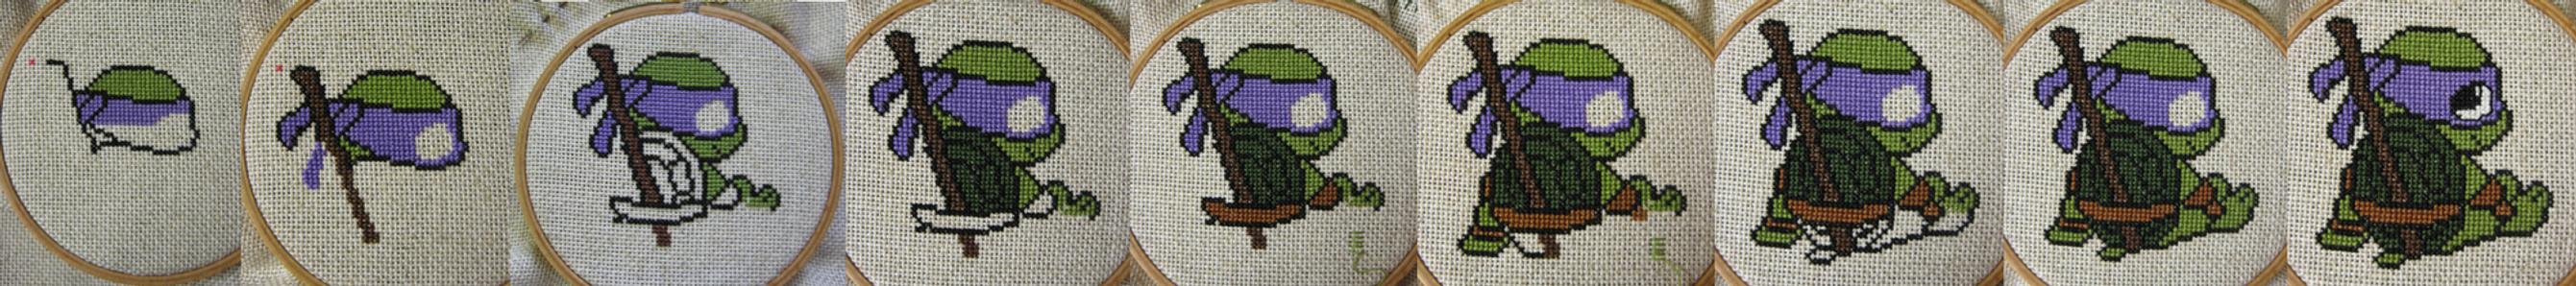 Donatello by Somniculosa